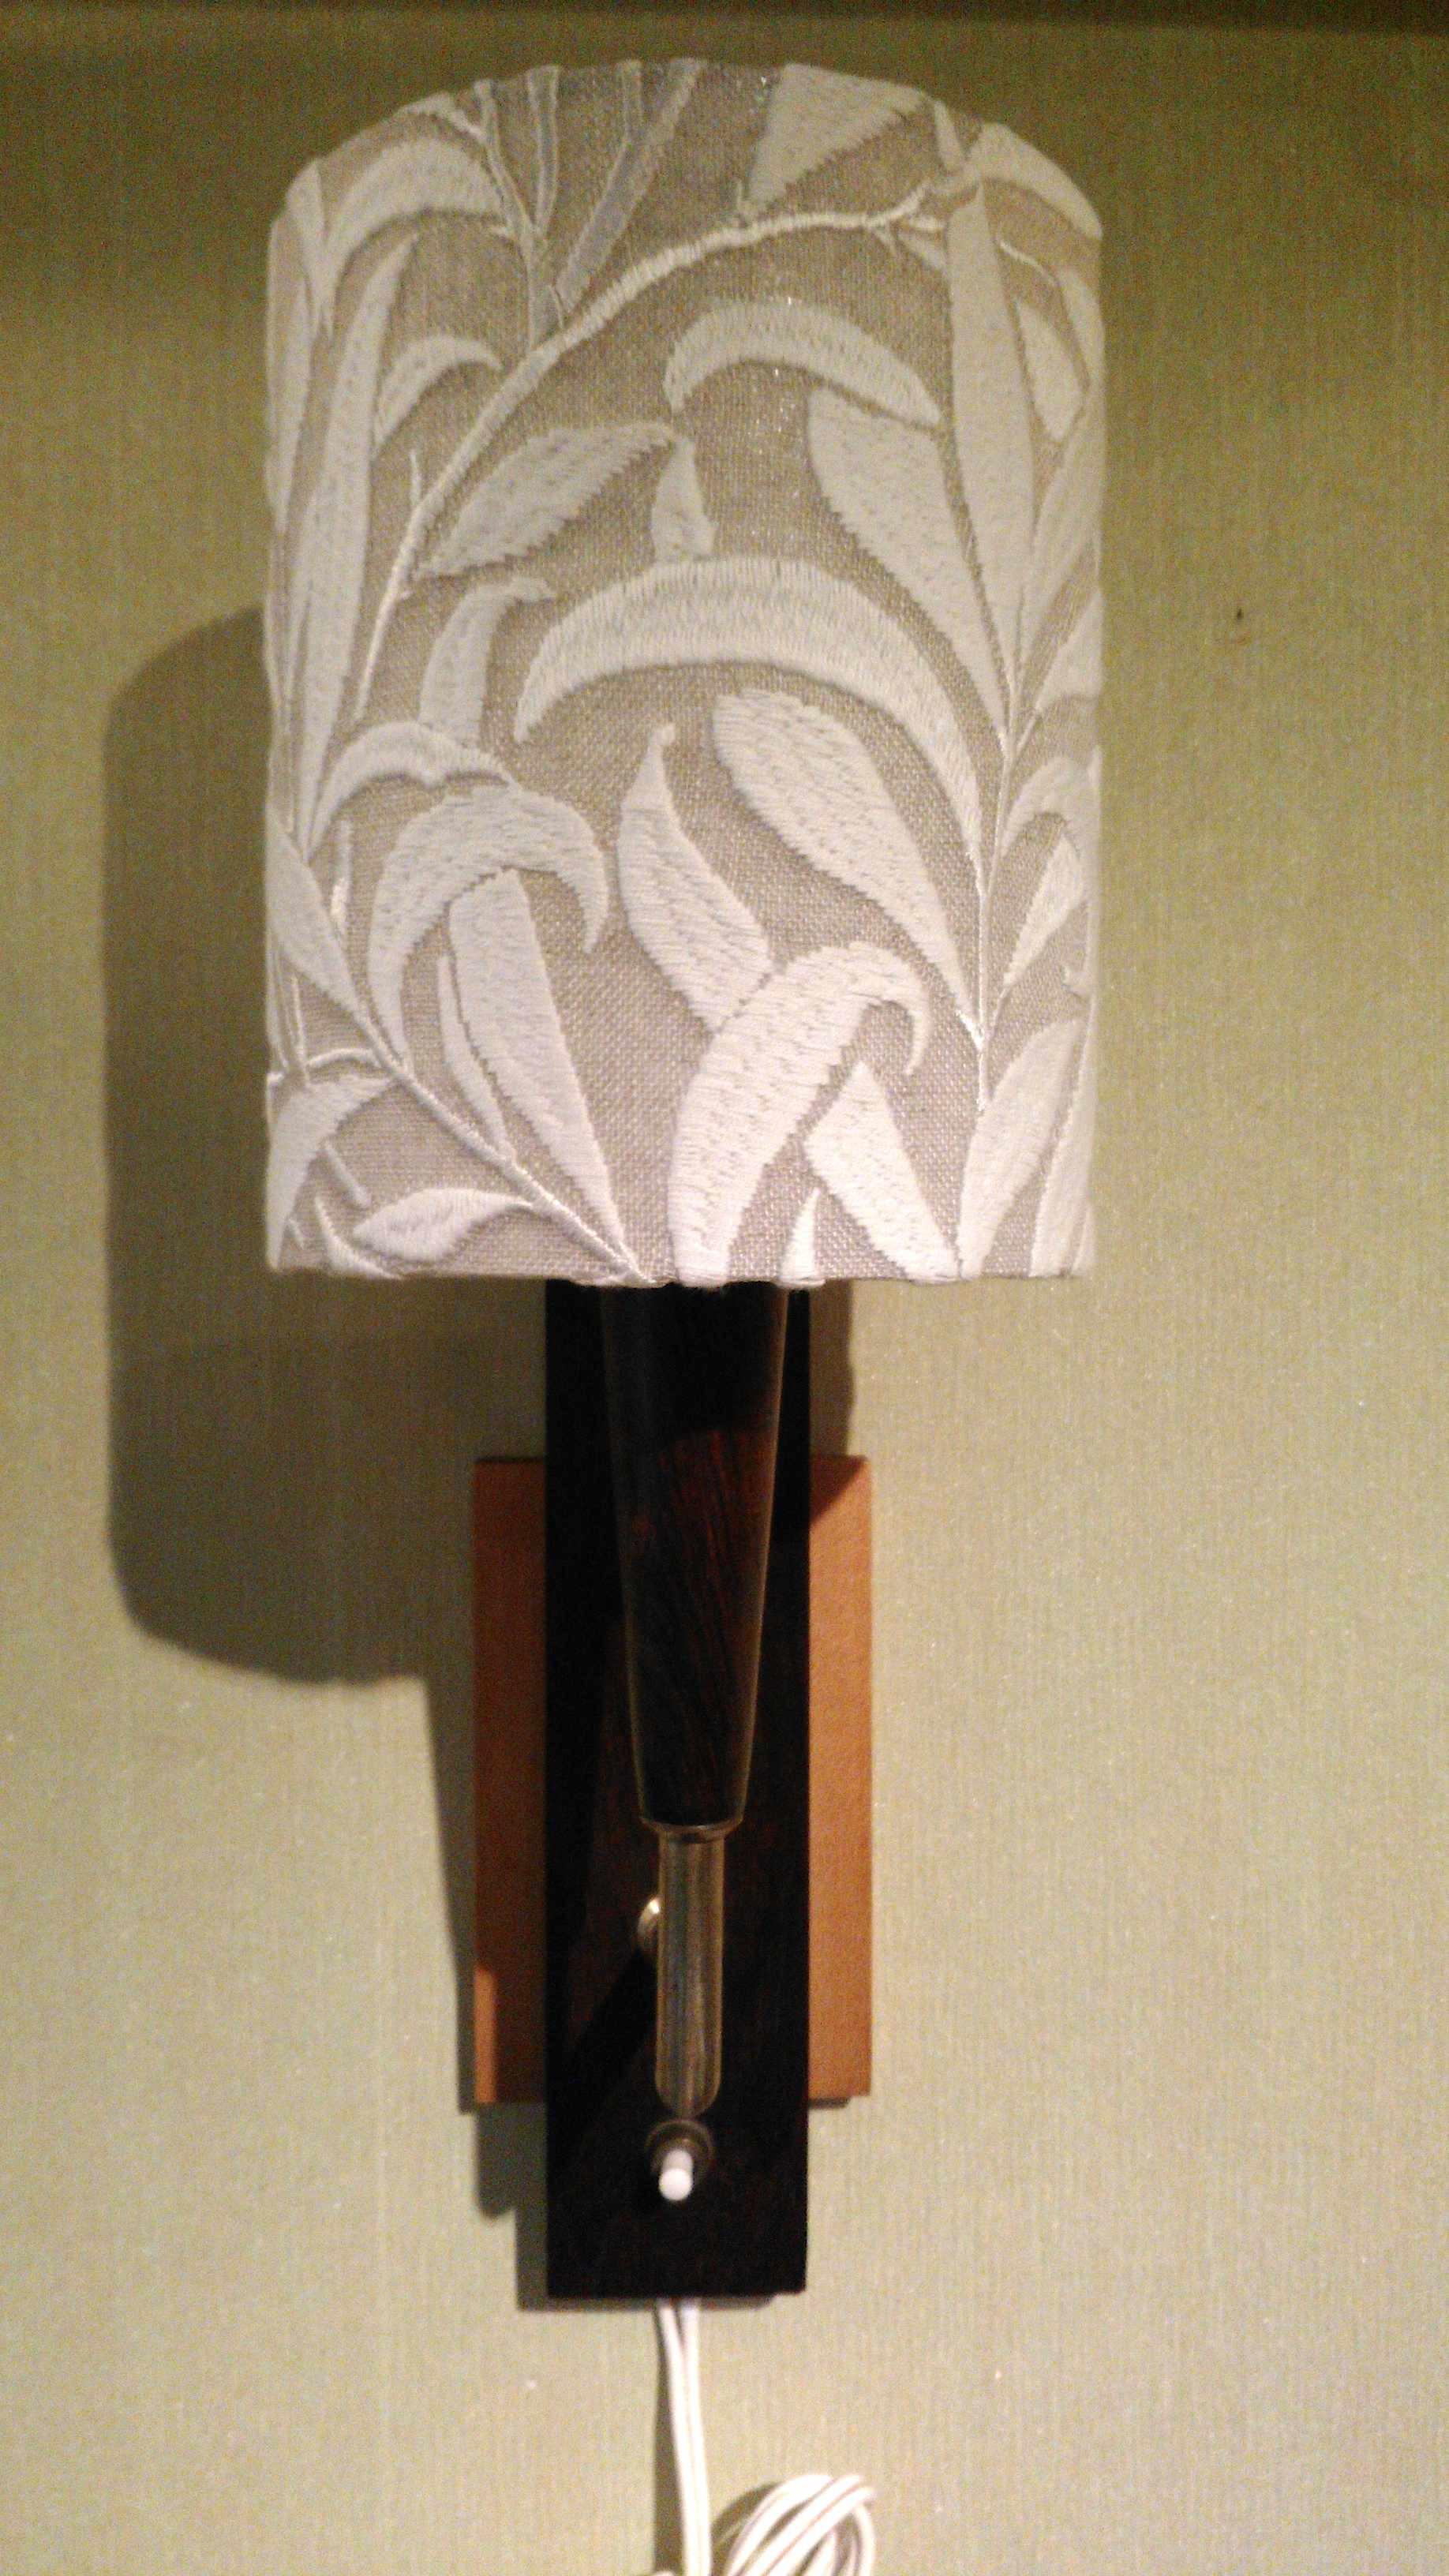 ピュアモリス ランプシェード製作 モリス正規販売店のブライト_c0157866_17585685.jpg